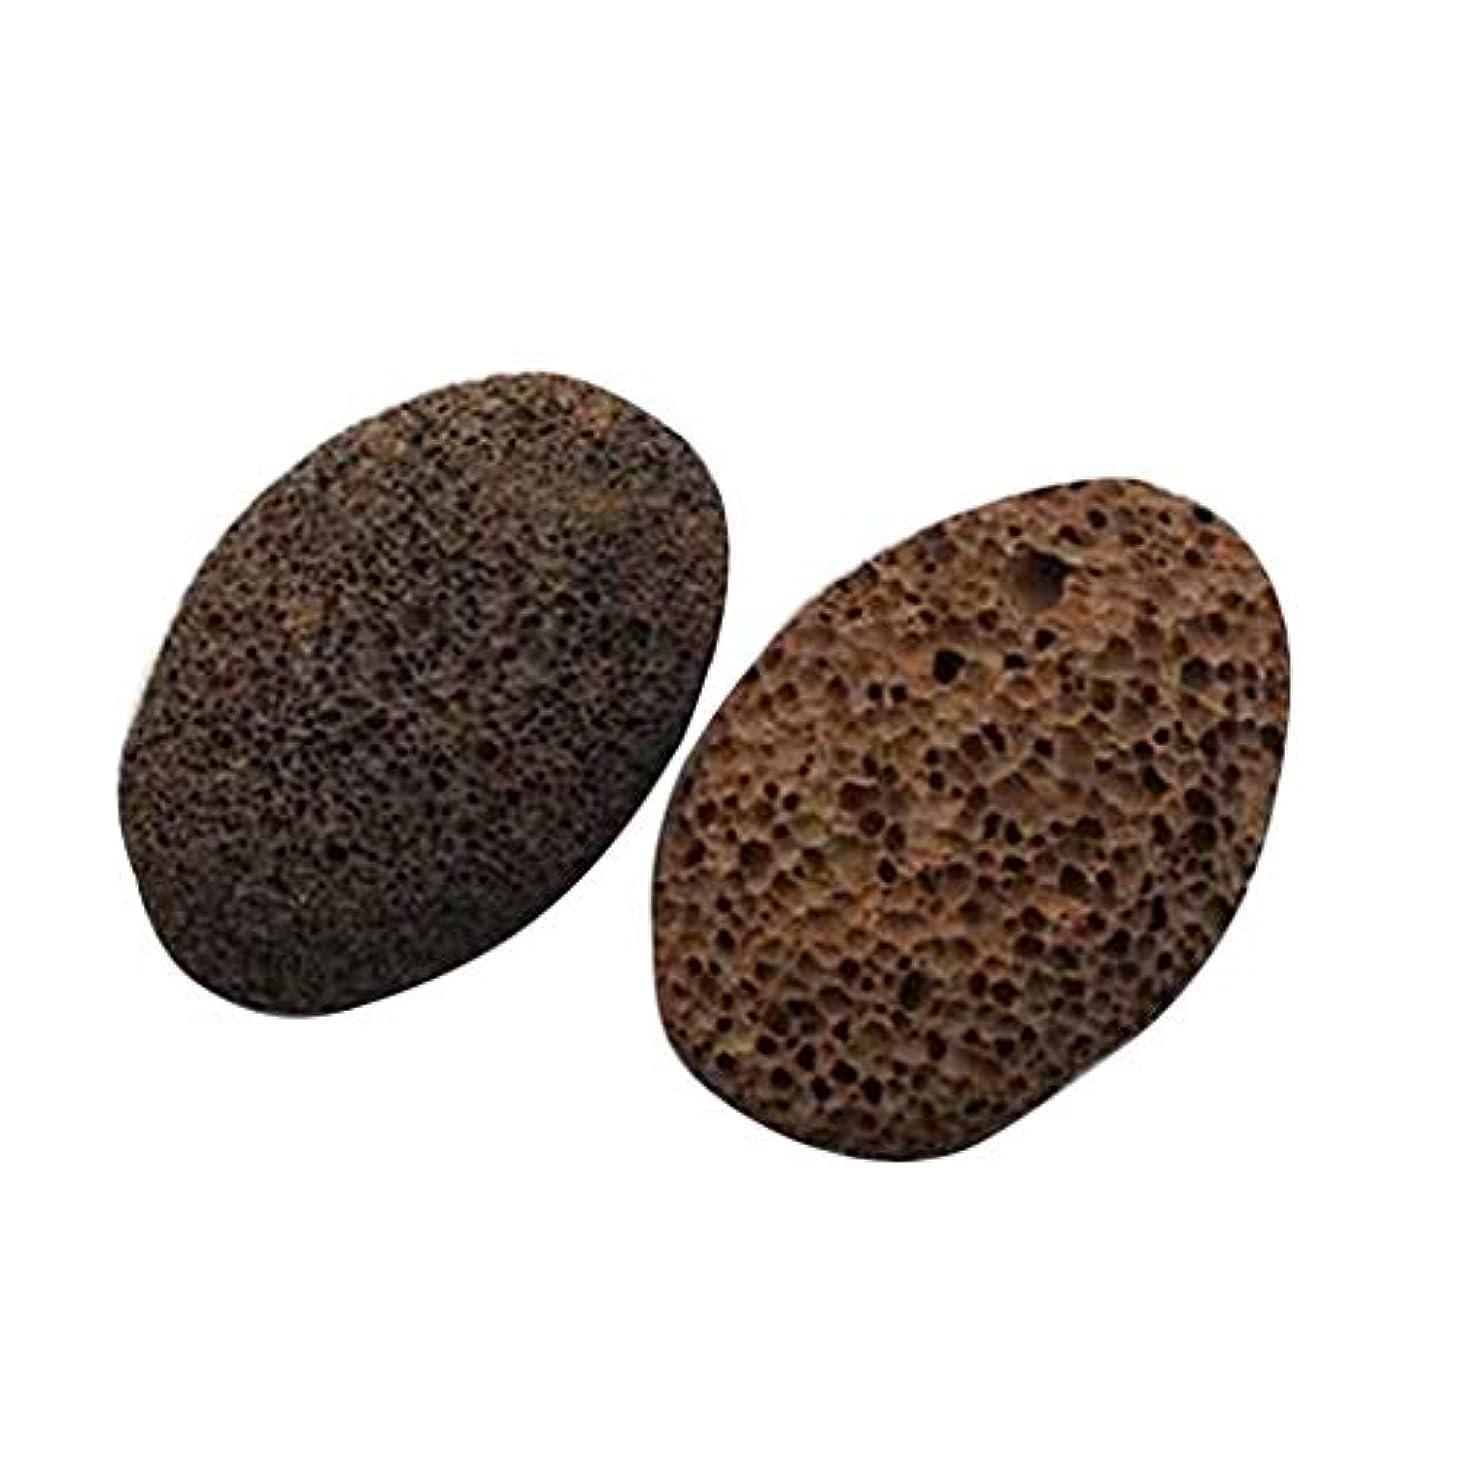 発火するパスタ名誉Vonarly ワイプ足石 死んだ皮軽石を取り除き 足石を挽いて 自然の火山石を剥がします 足マッサージ石 2個セット